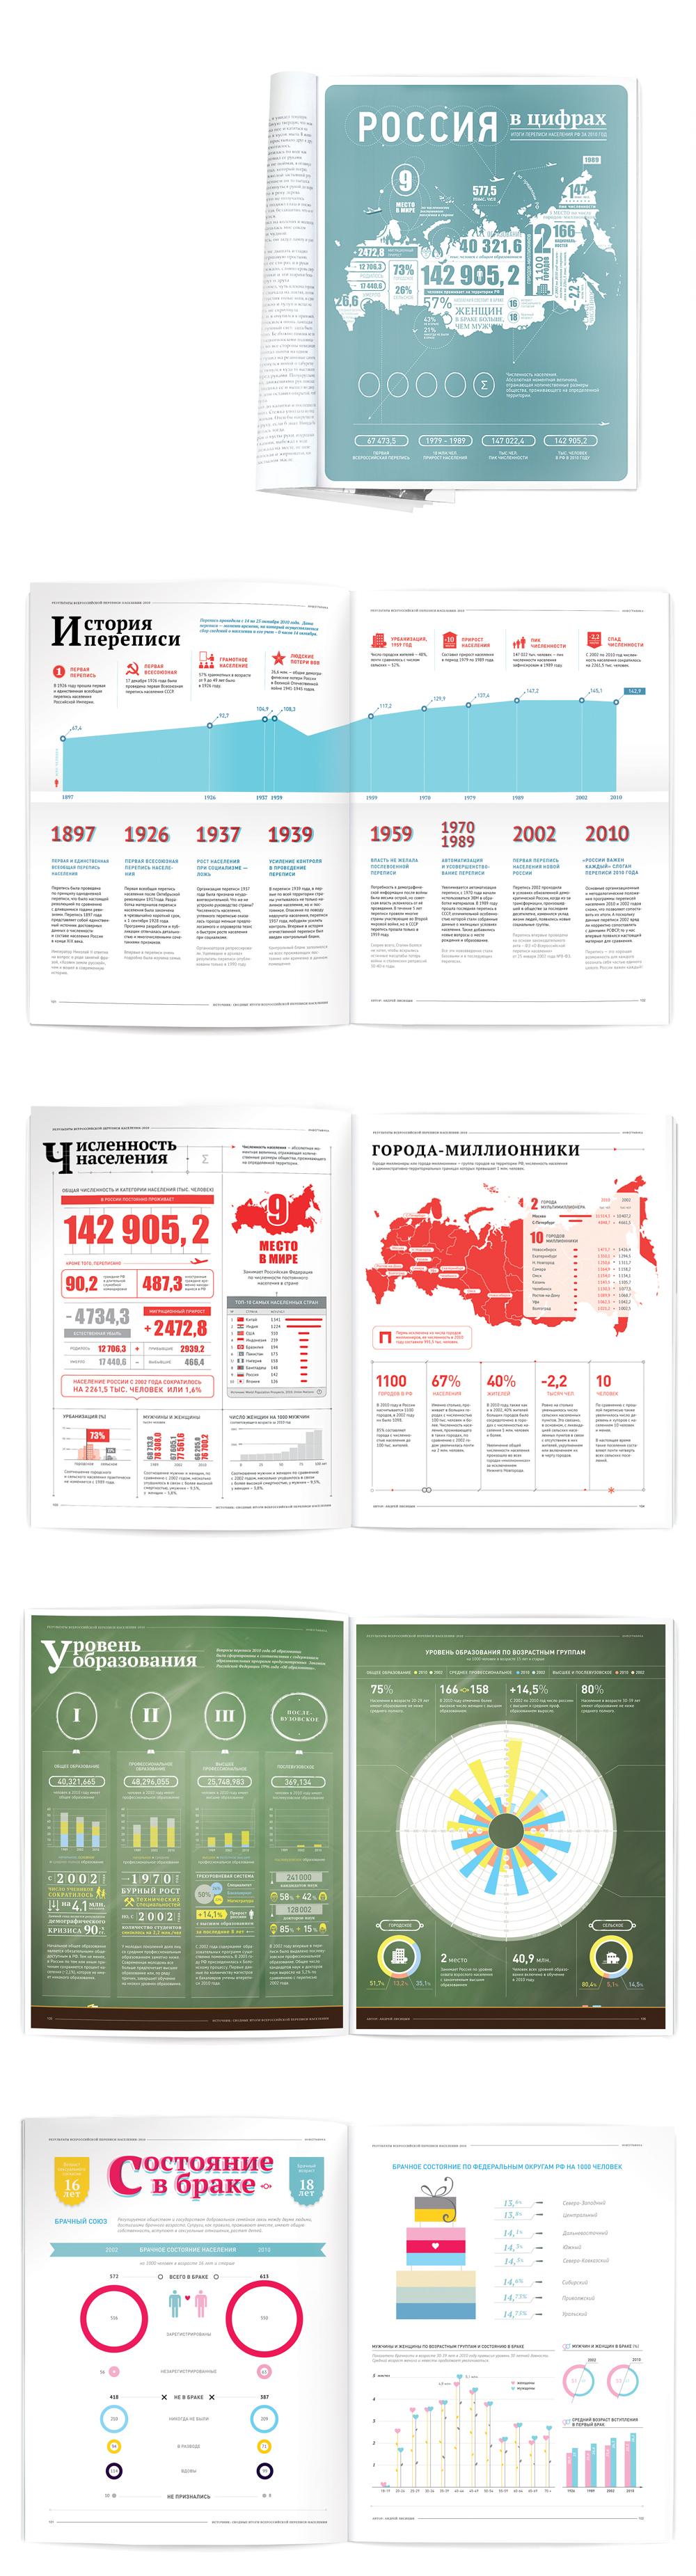 Инфографика. результаты всероссийской переписи населения 2010